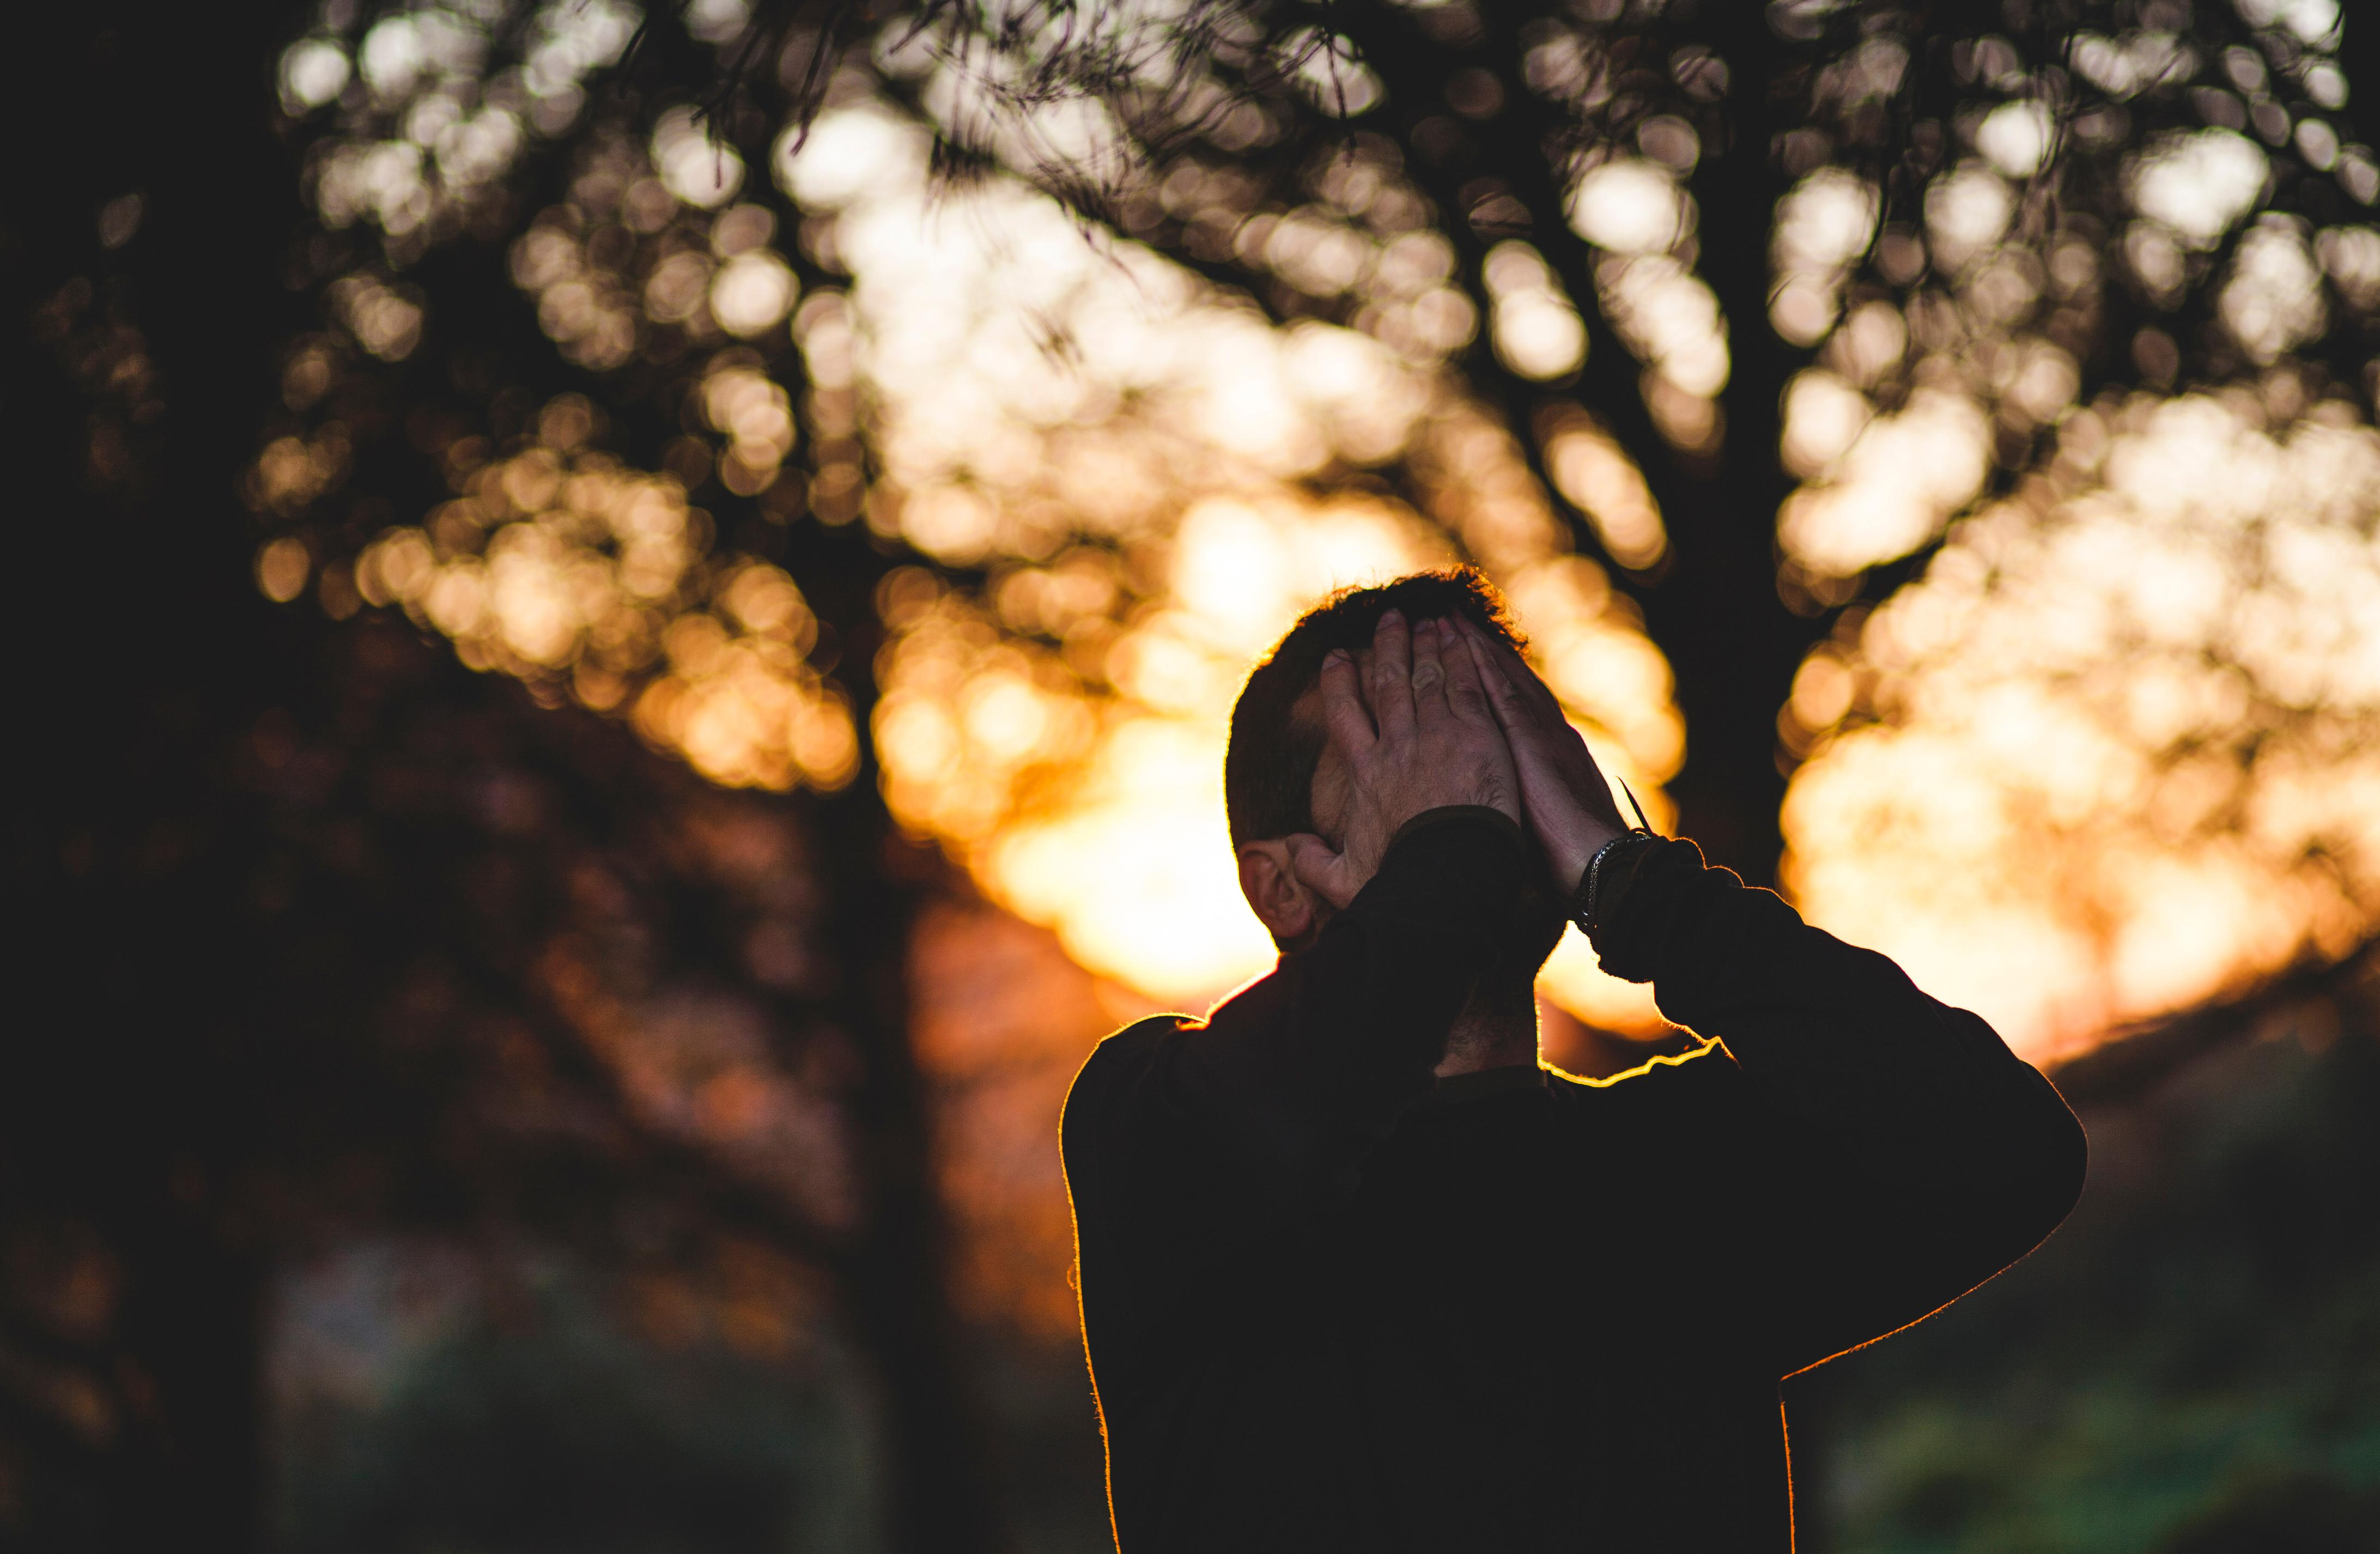 A man praying/confessing his sins